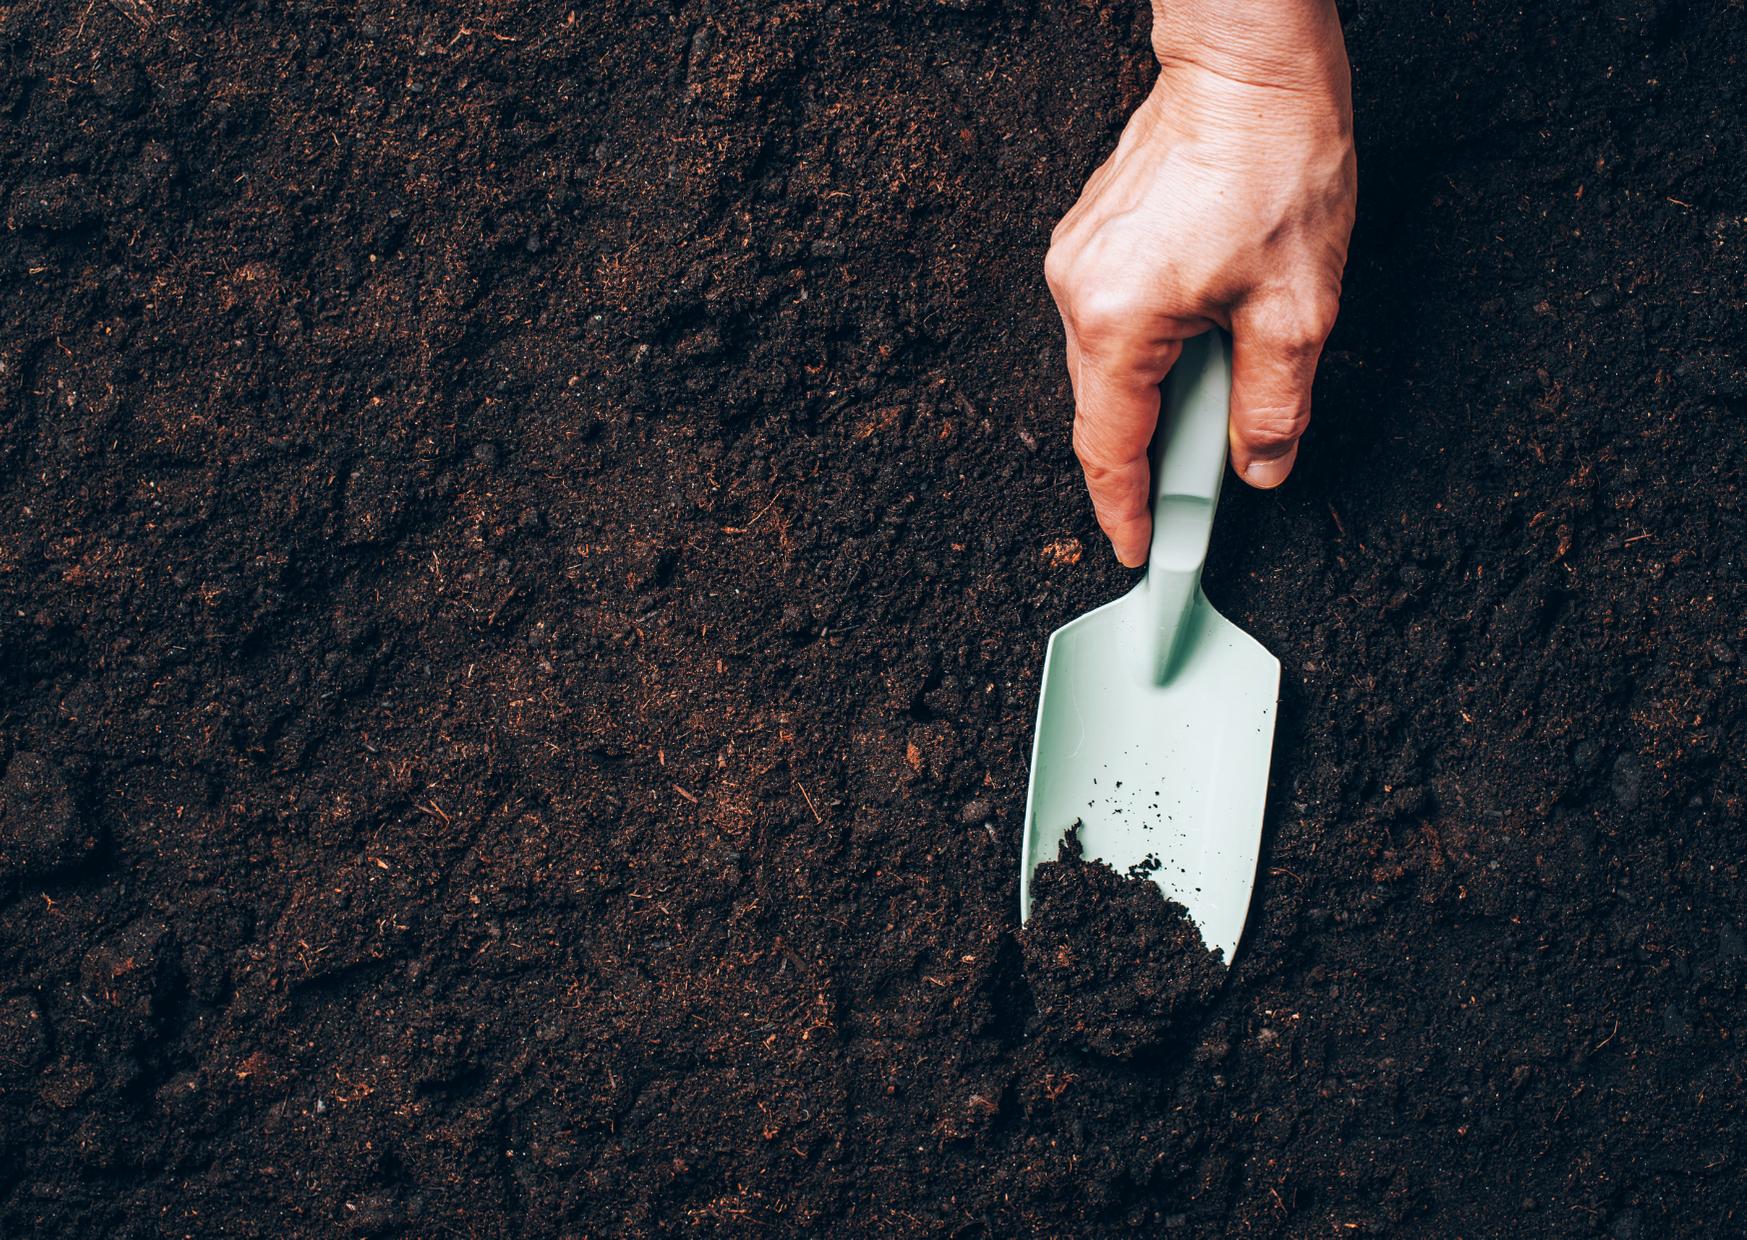 Improving Garden soil